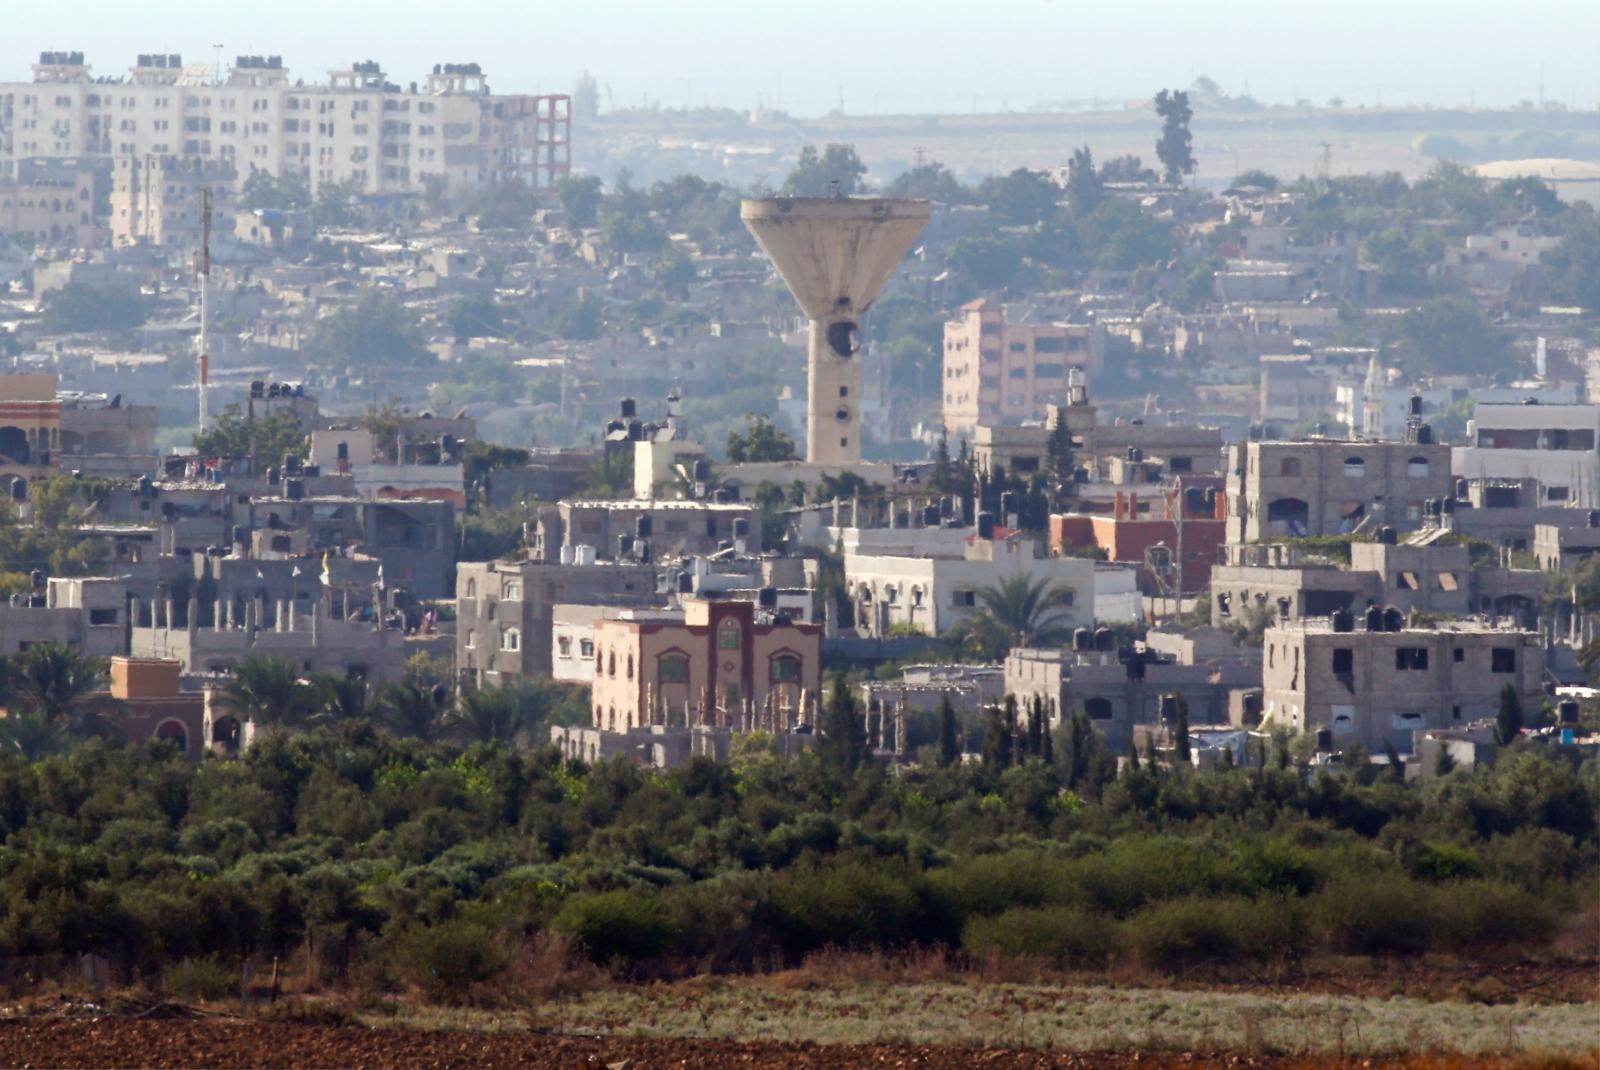 Water tanker in Gaza